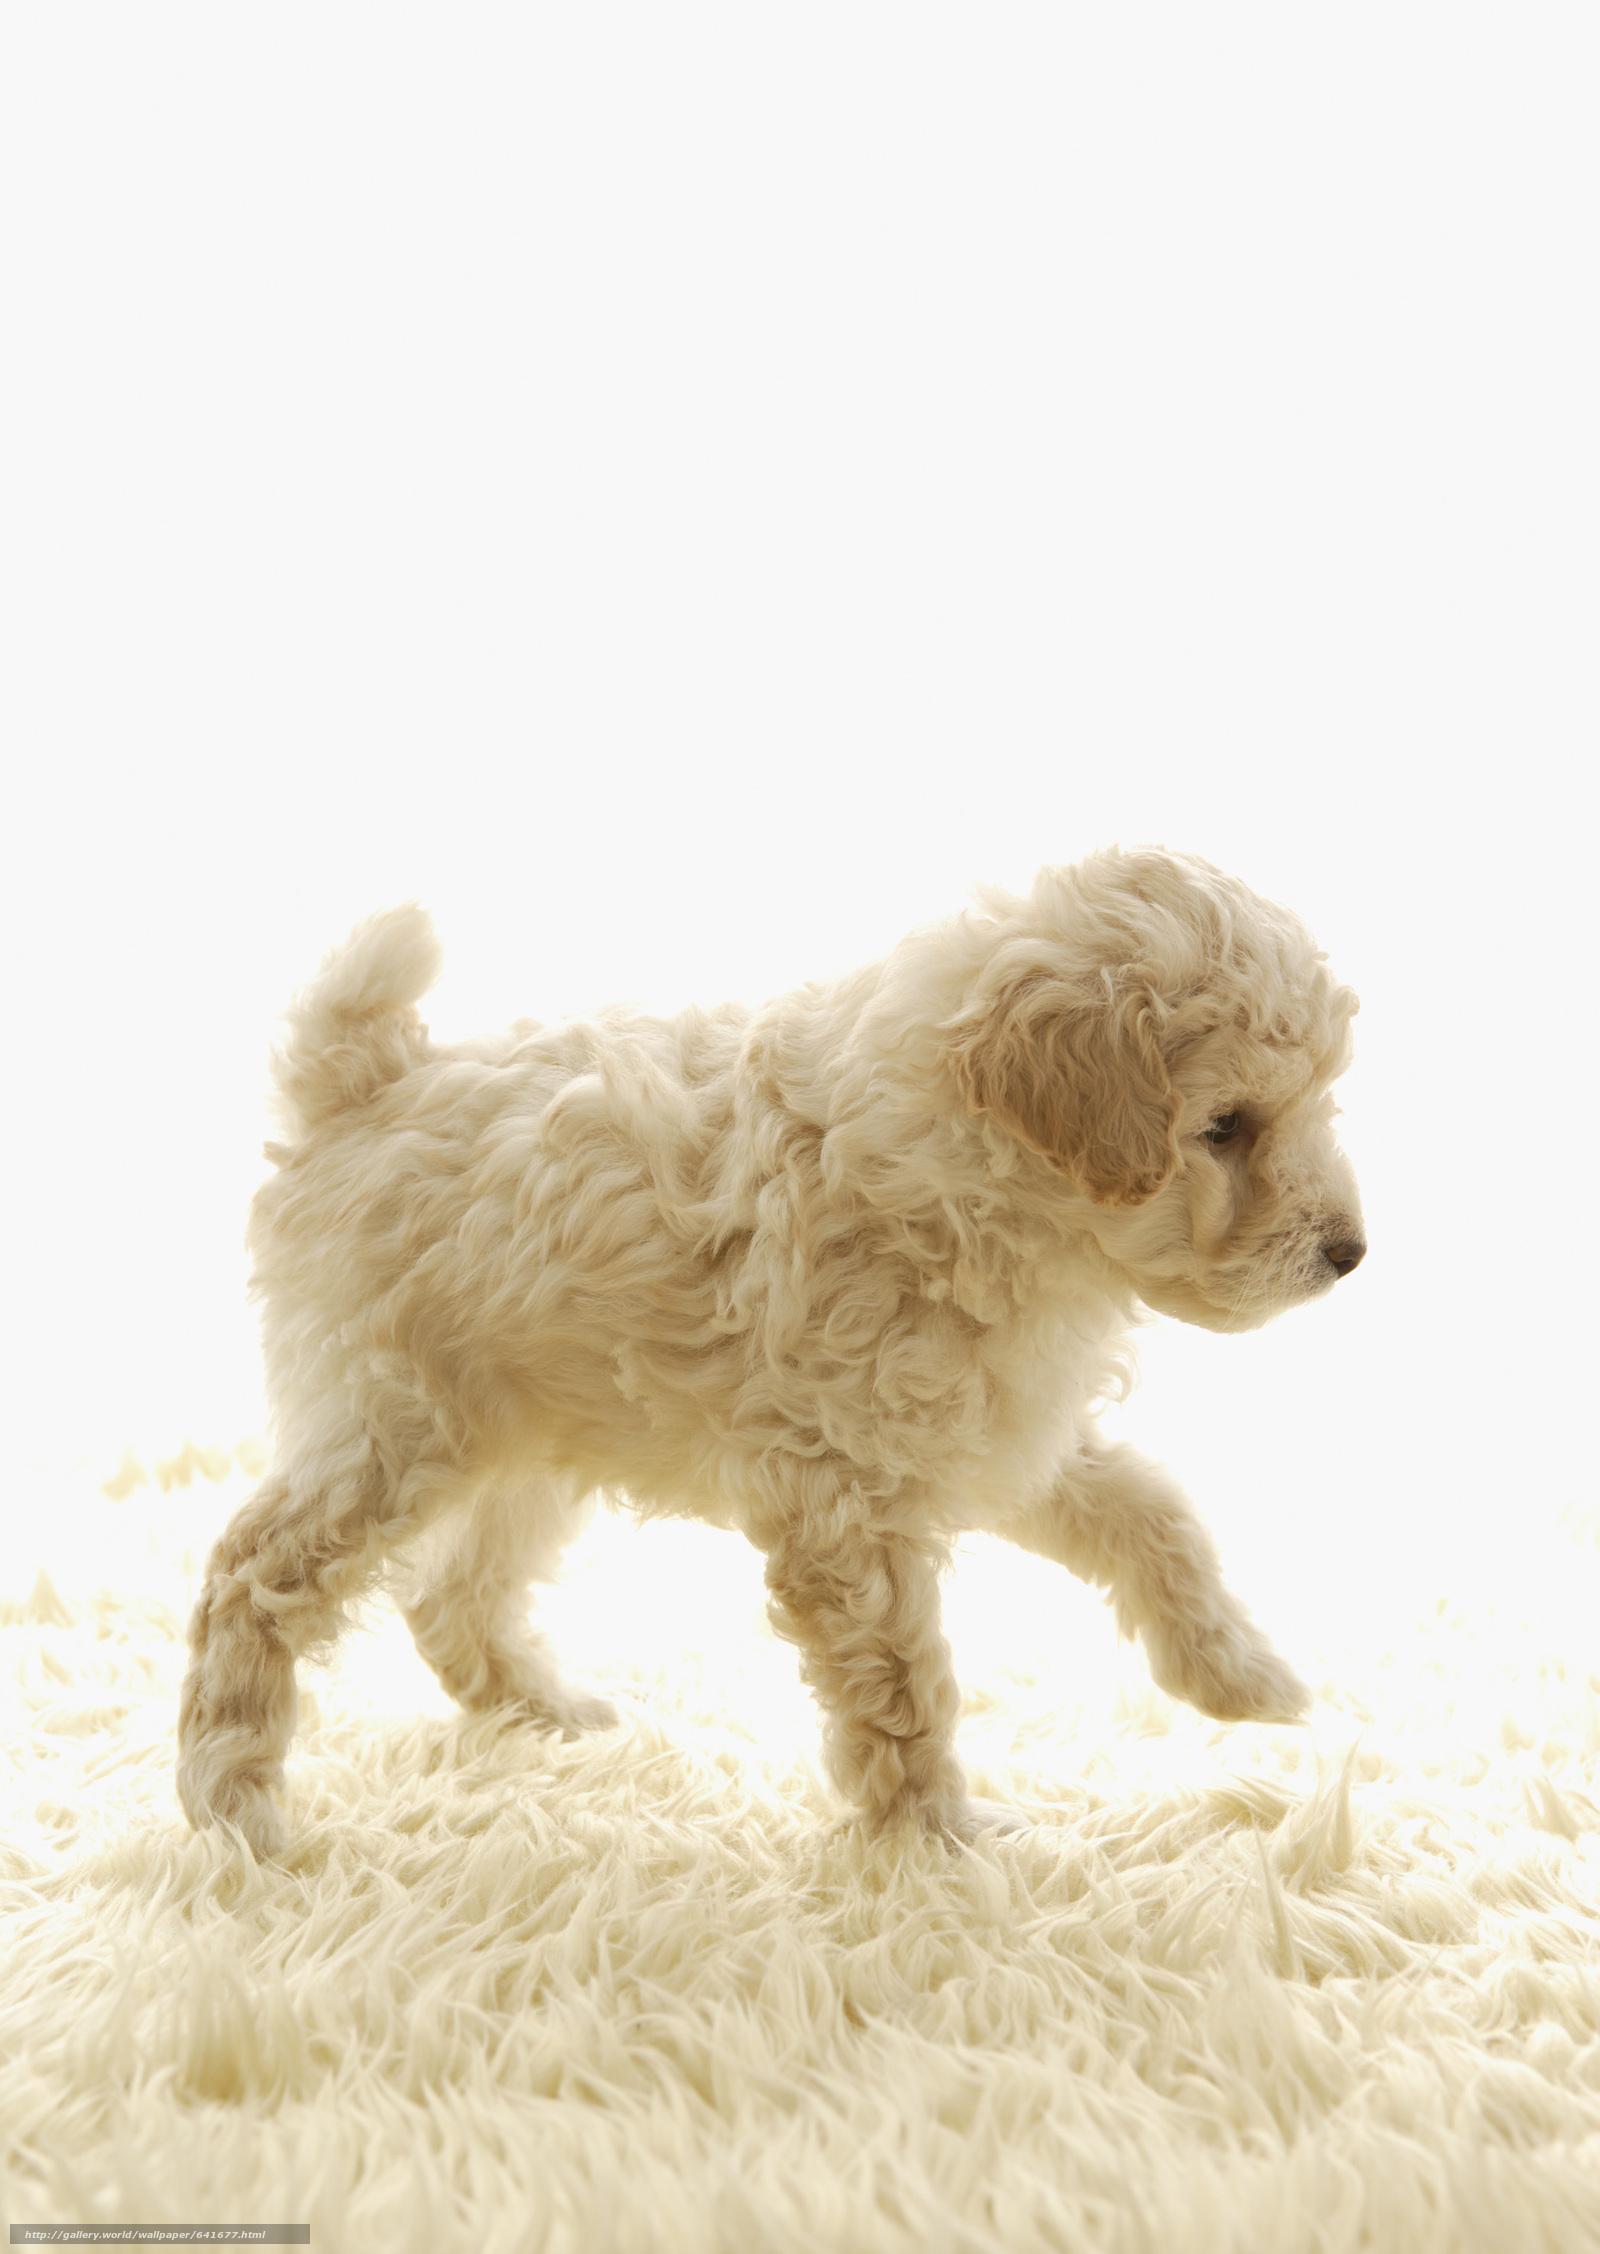 scaricare gli sfondi Cane,  cane,  cane,  cucciolo Sfondi gratis per la risoluzione del desktop 2094x2950 — immagine №641677